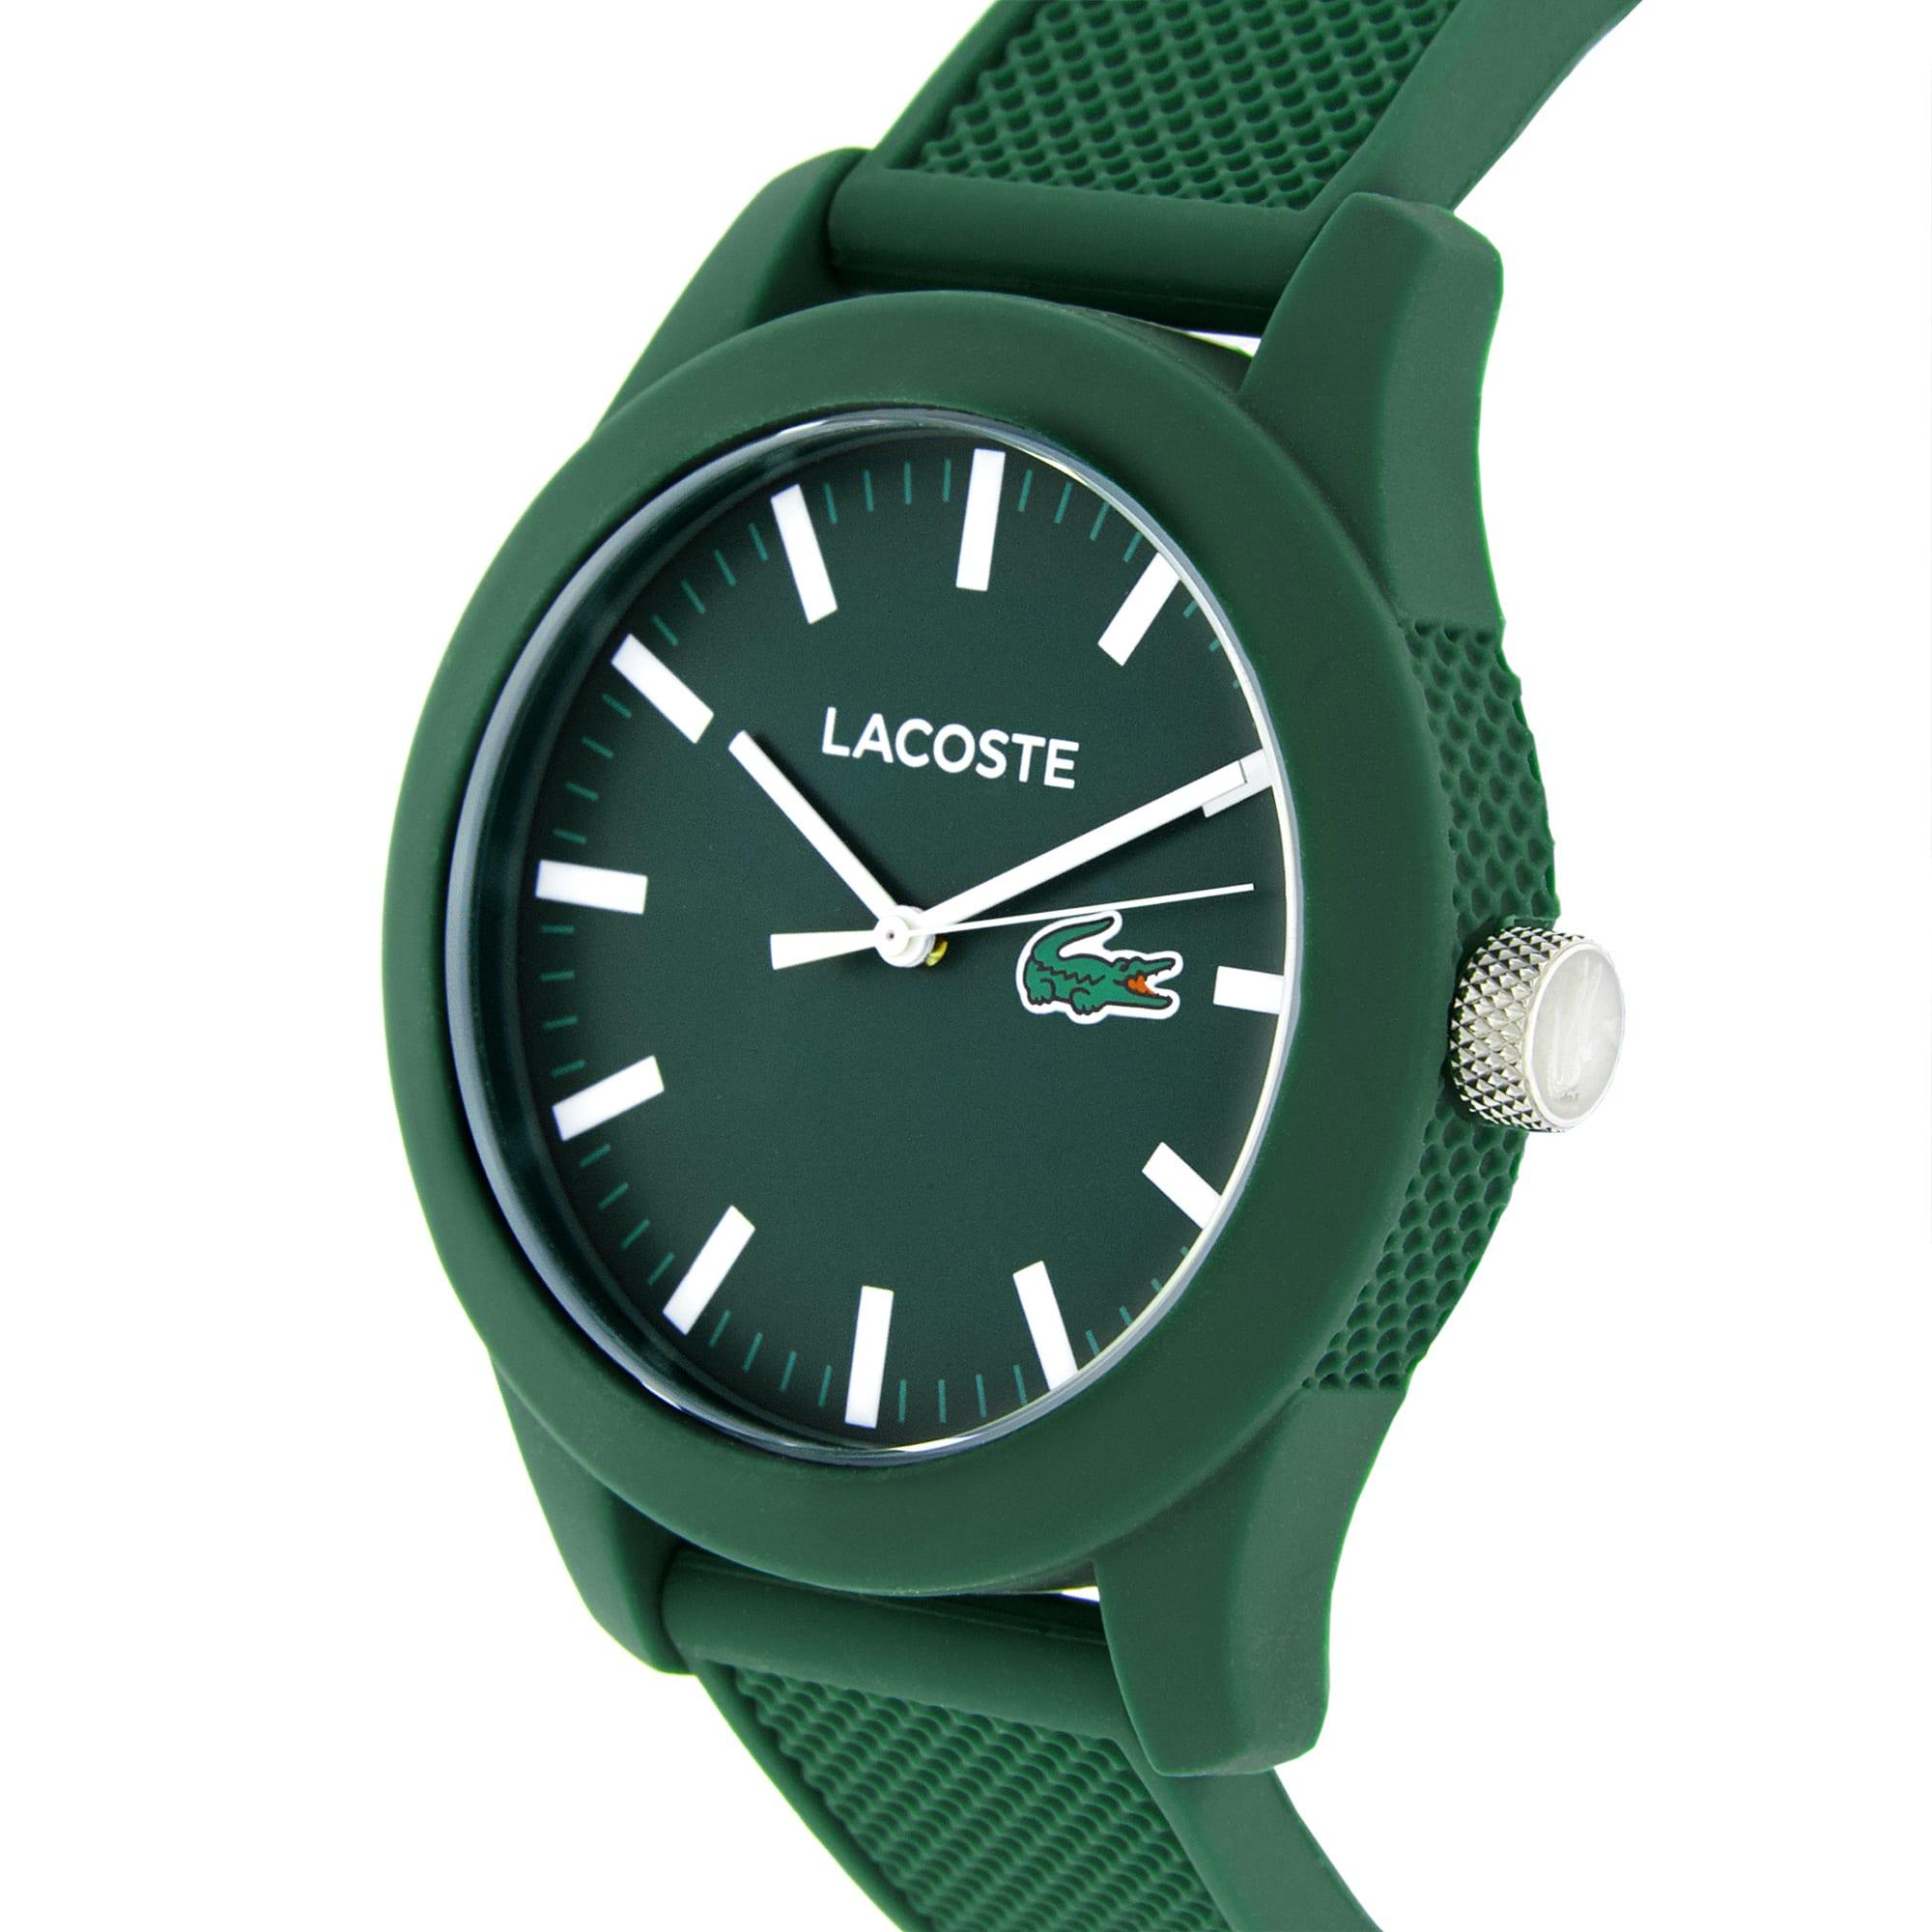 Green Lacoste L.12.12 Watch